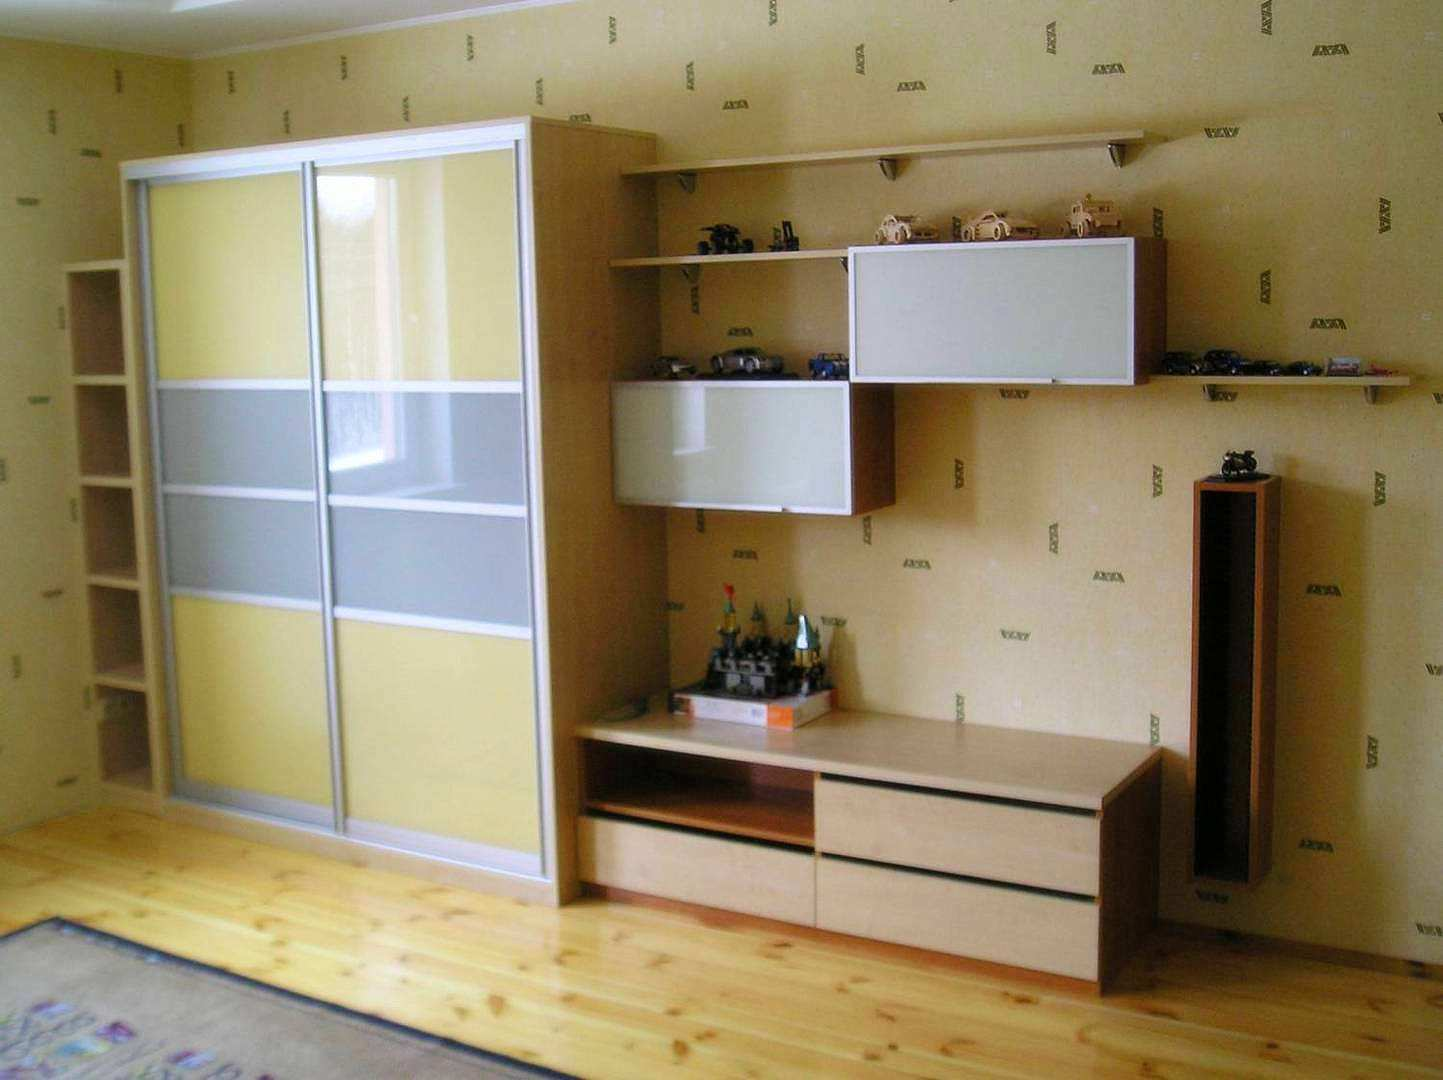 Мебель на заказ для гостиной , фото. цена - 20000.00 руб., н.